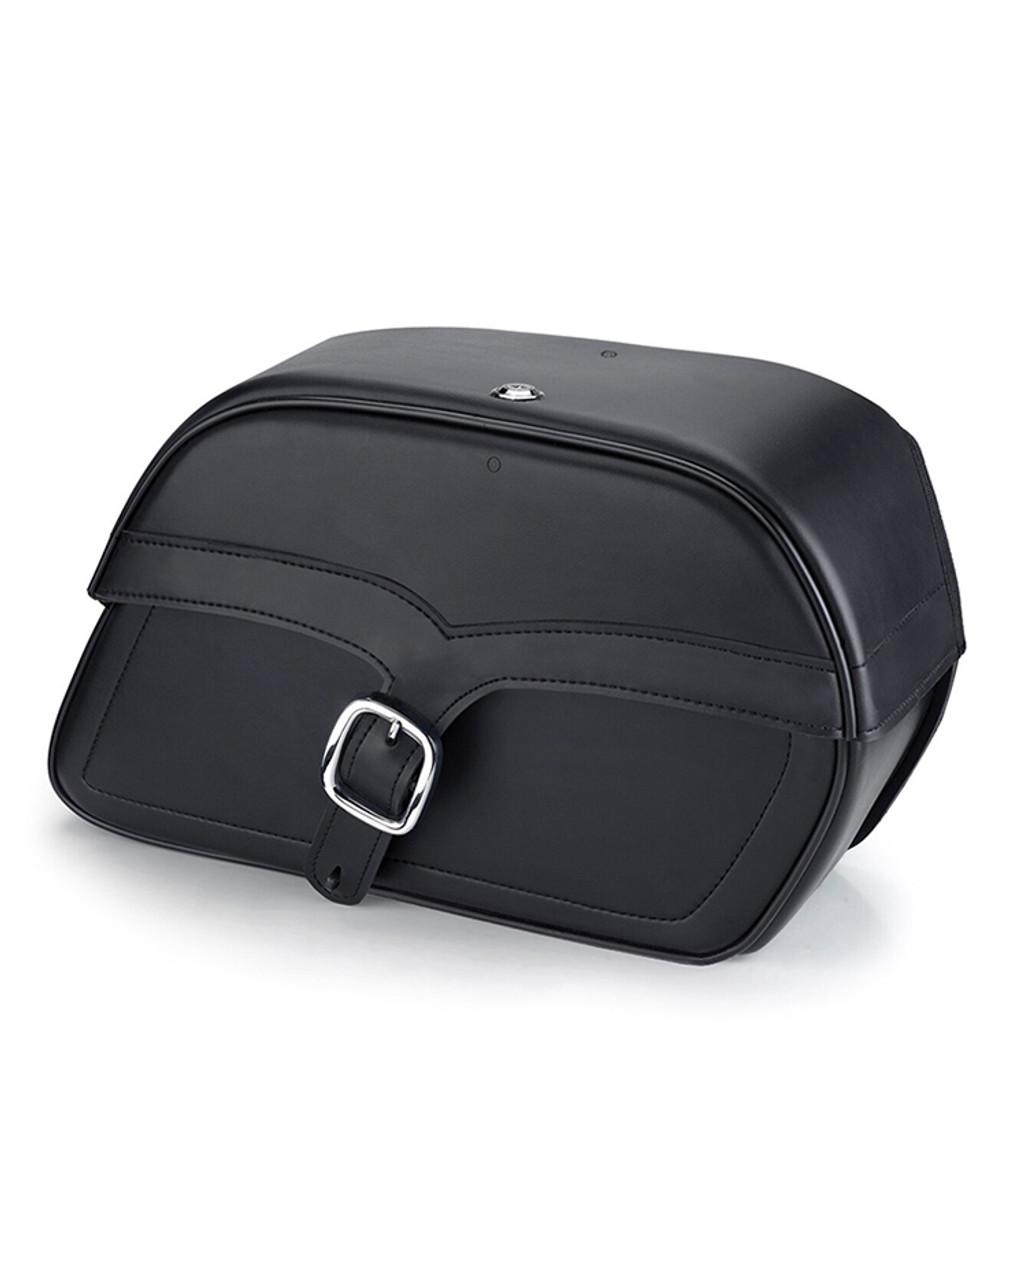 Kawasaki Vulcan S Cafe Charger Single Strap Large Motorcycle Saddlebags Main Bag View